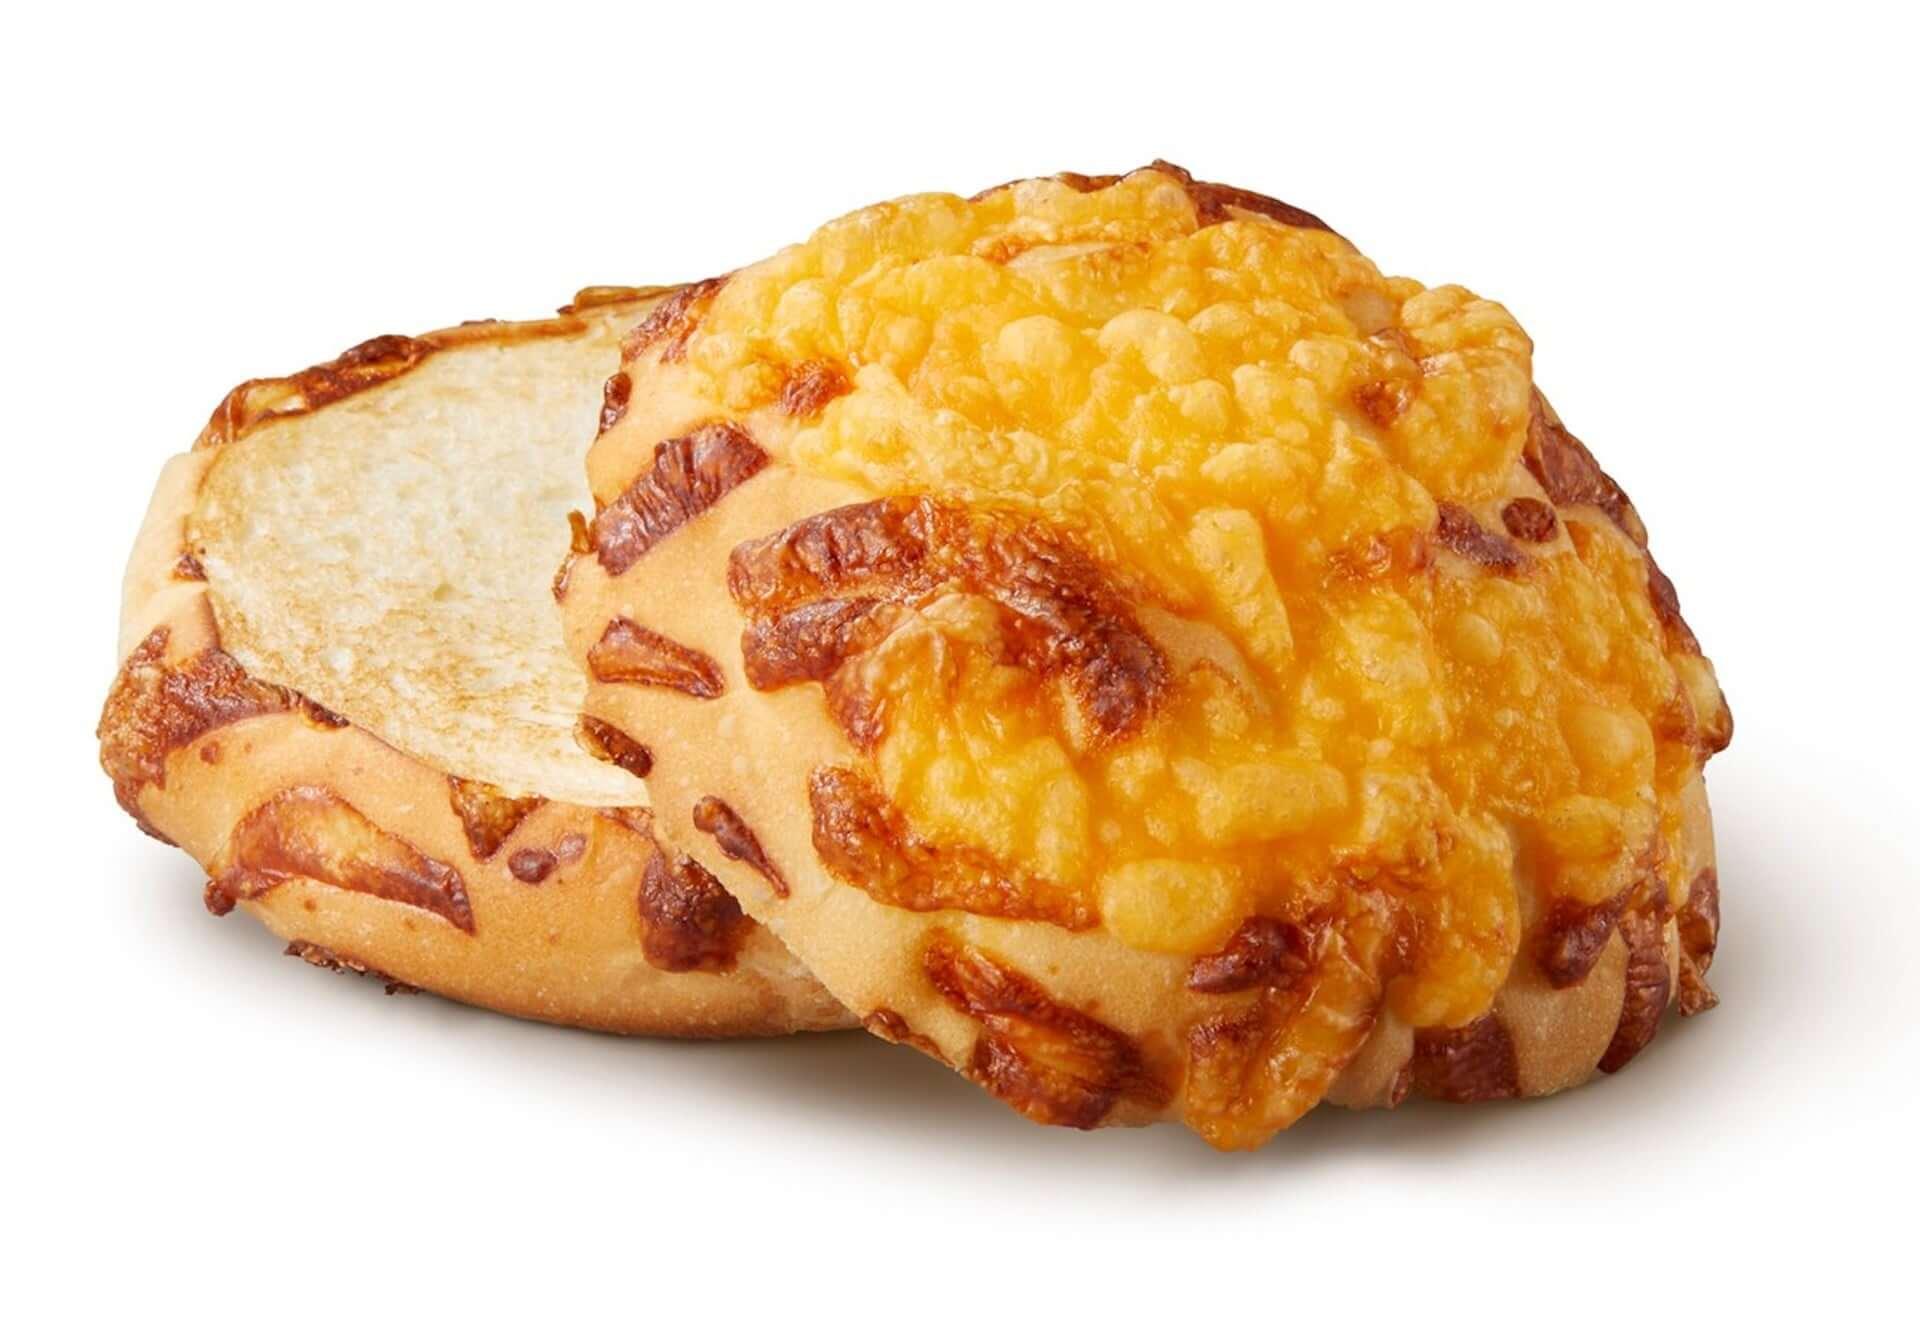 バーガーキングが4種のチーズ香る「チーズバンズ」を新開発!『チーズアグリービーフバーガー』が期間限定で販売決定 gourmet200910_burgerking_3-1920x1338